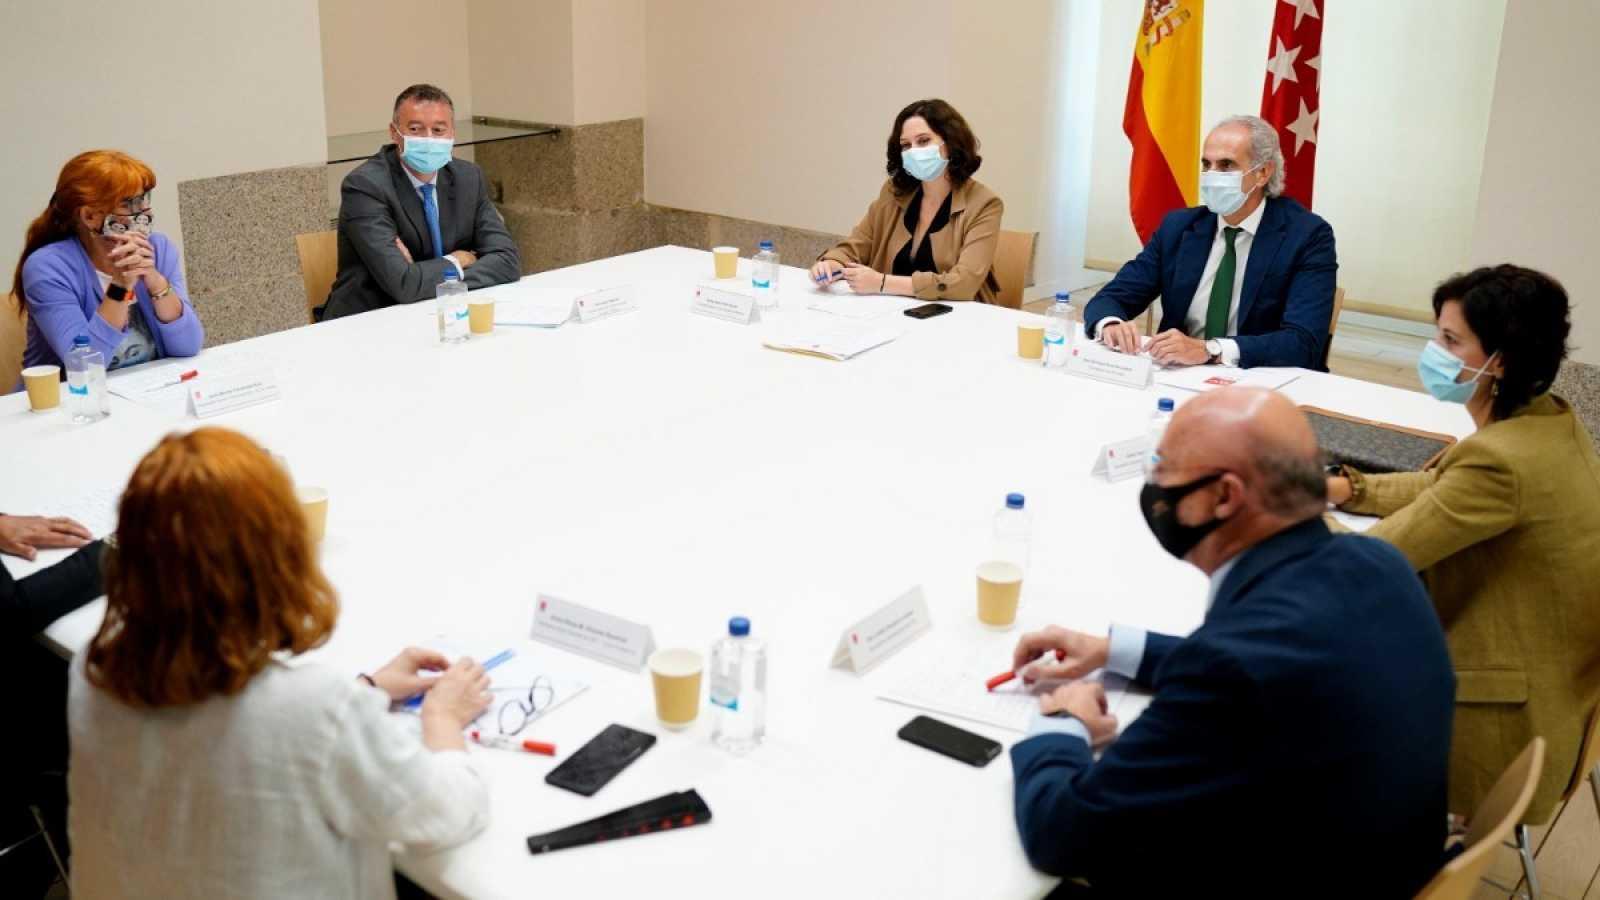 La presidenta de la Comunidad de Madrid, Isabel Díaz Ayuso, en una reunión el 22 de septiembre con representantes de Amyts, UGT, CC.OO, SATSE y CSIT.